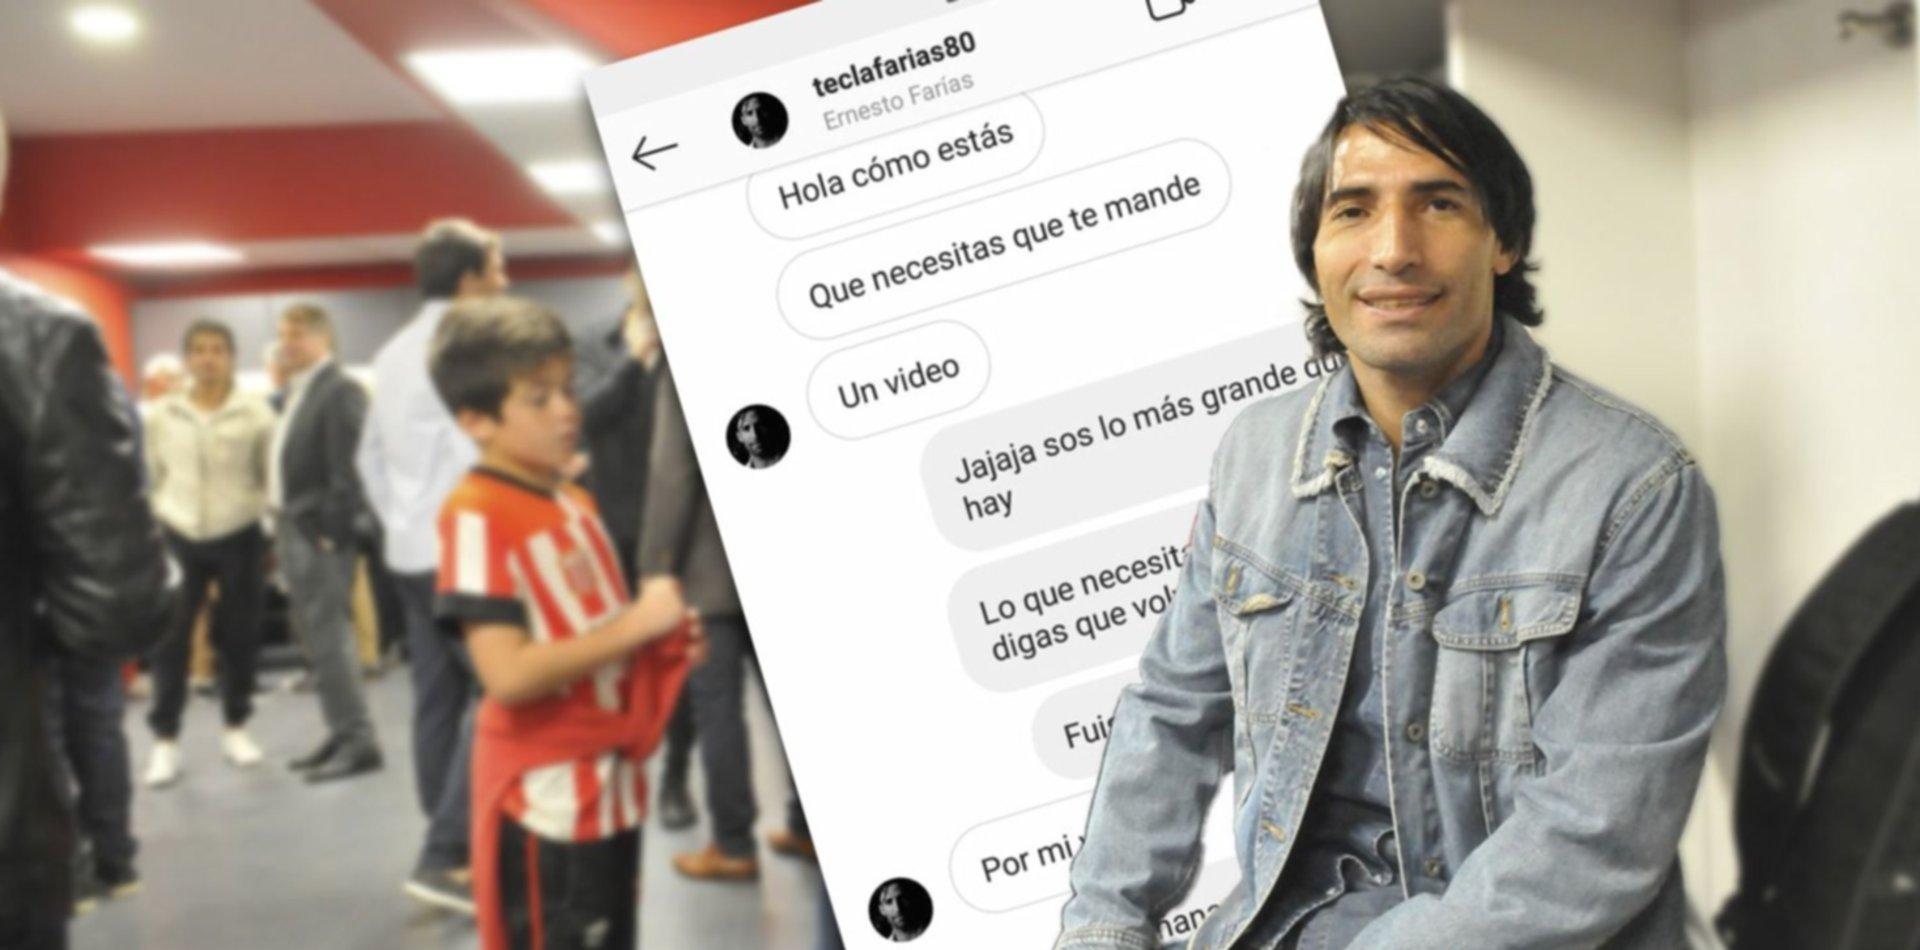 """La conversación entre el Tecla Farías y un hincha de Estudiantes: """"Por mí vuelvo"""""""